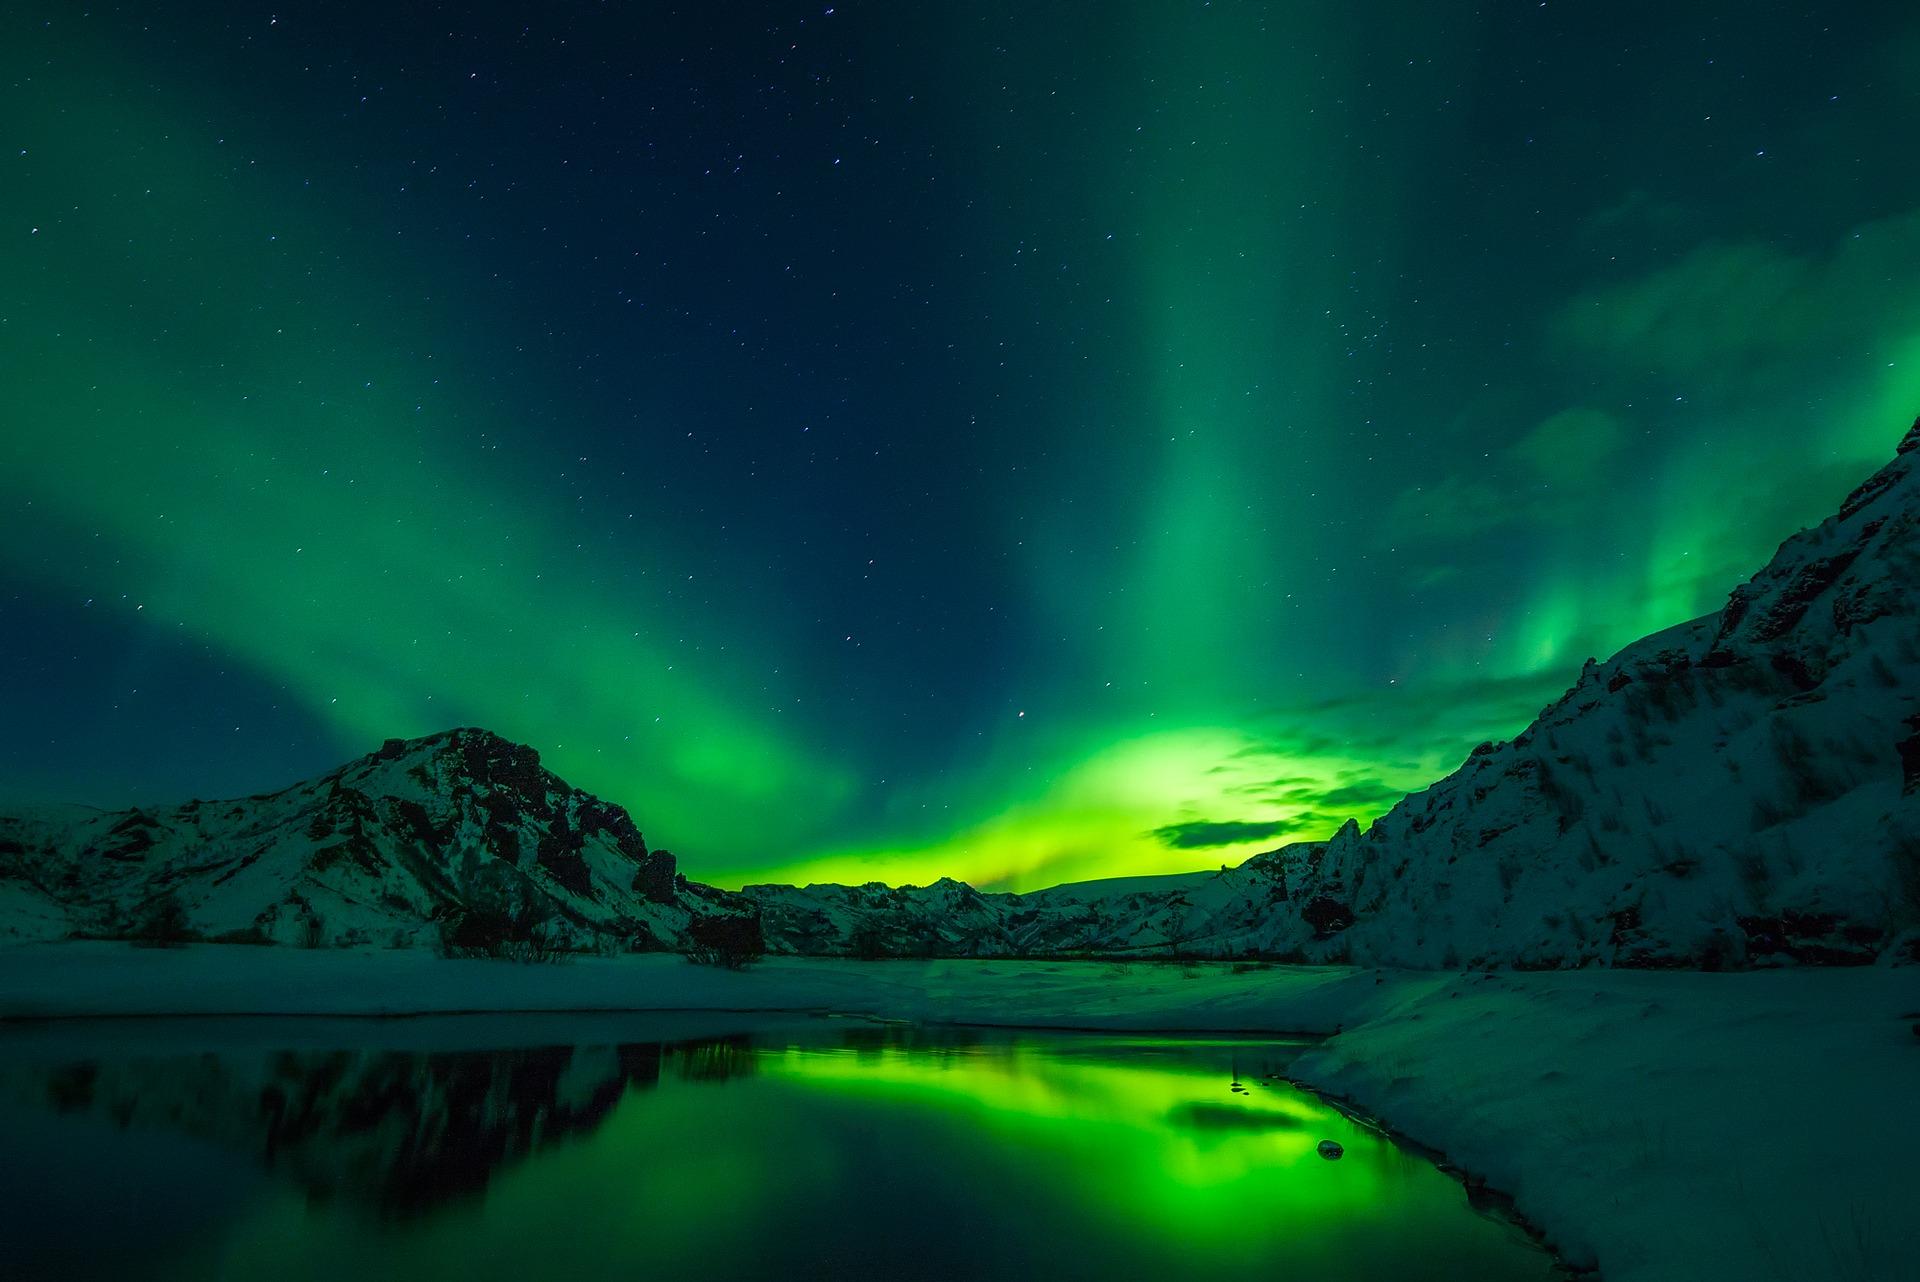 Islande aurores boréales